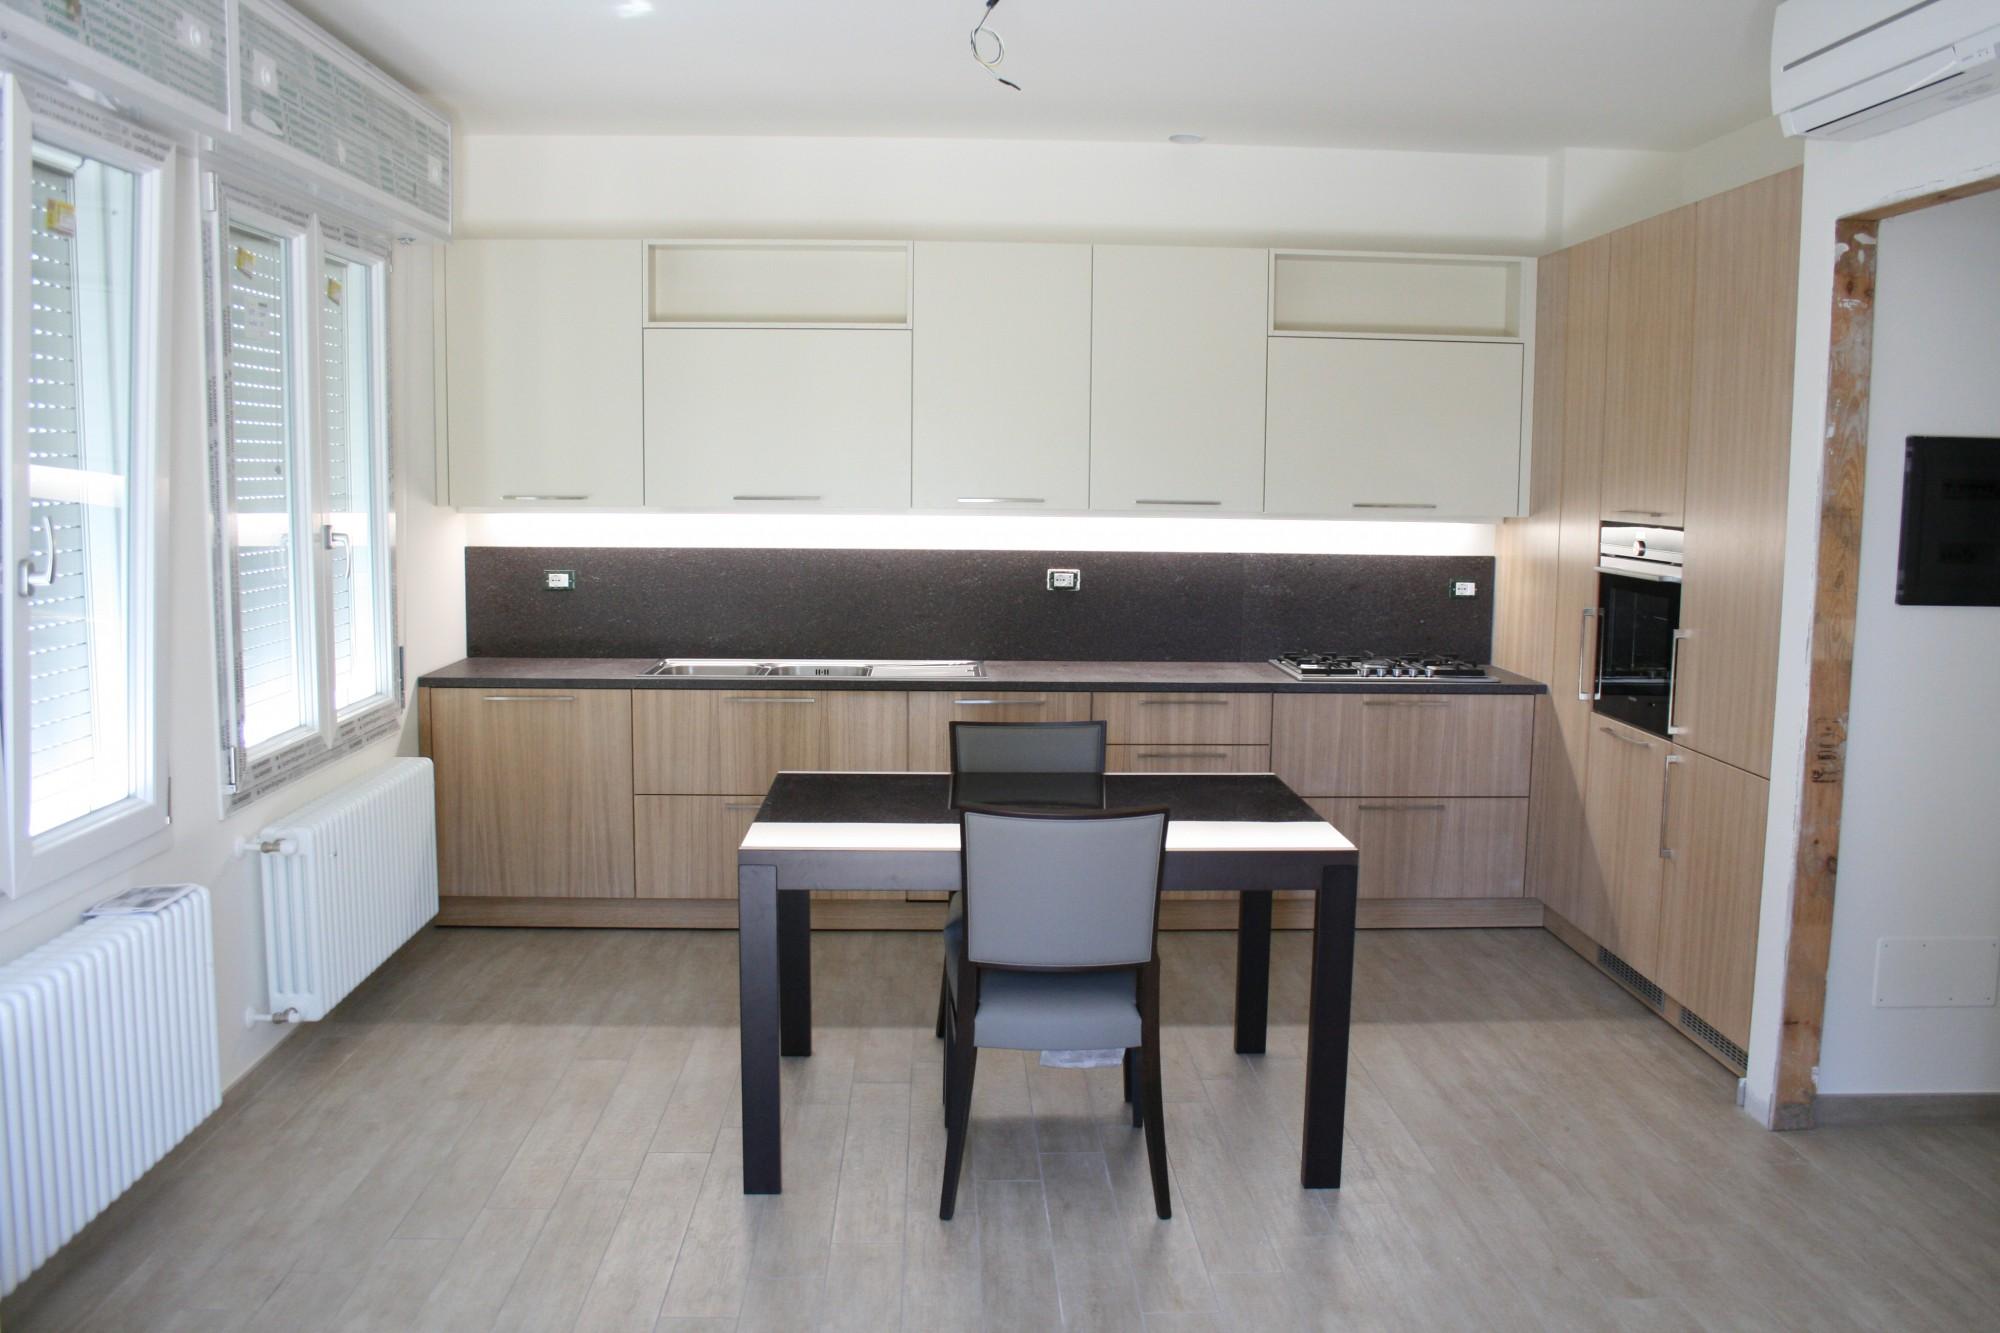 Cucina moderna bicolore in rovere e avorio a santarcangelo - Cucine bicolore moderne ...